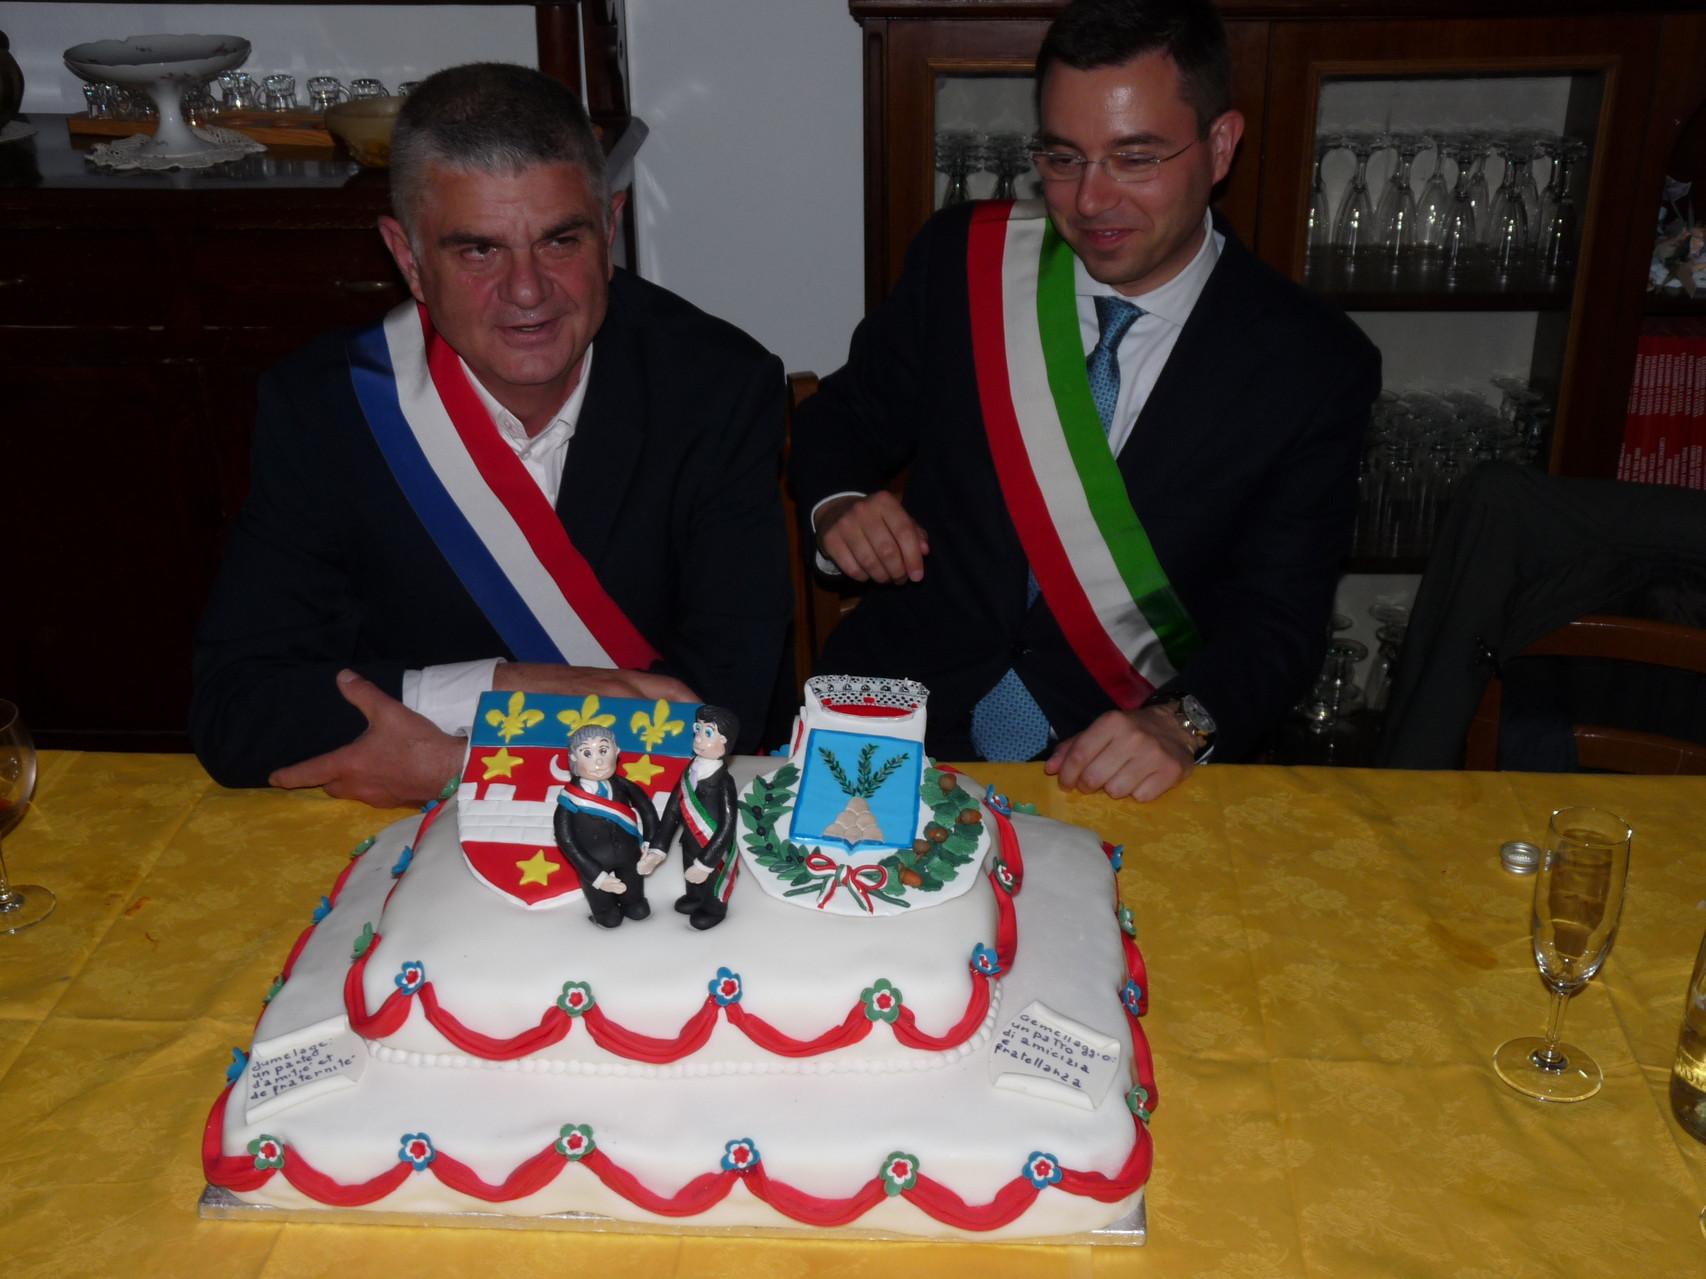 Le repas officiel du jumelage avec les maires de Villemur et Fara Sabina